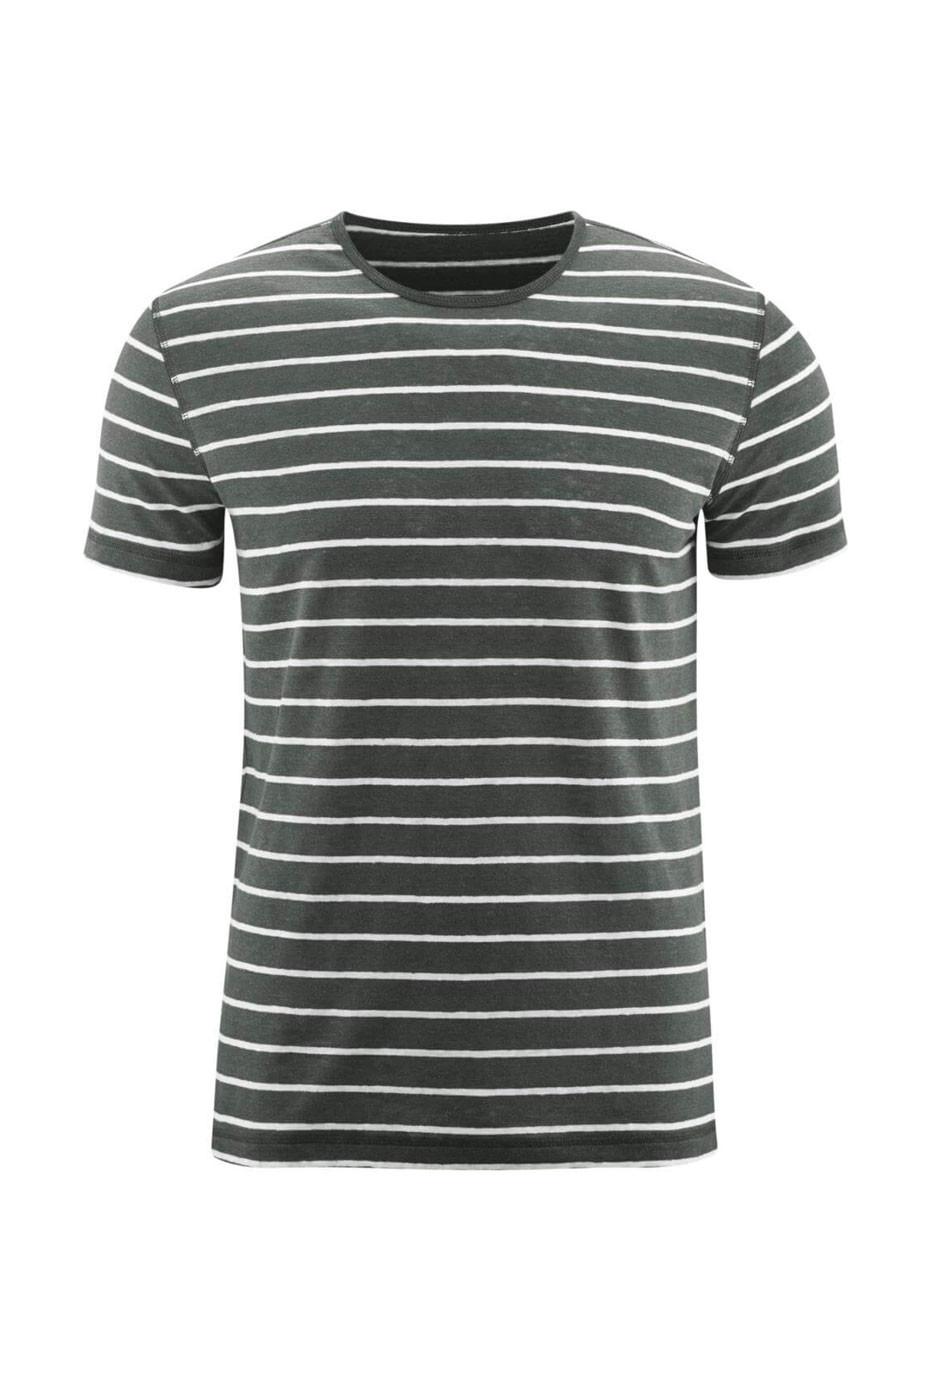 Glara Pánské lněné triko s krátkým rukávem 606116